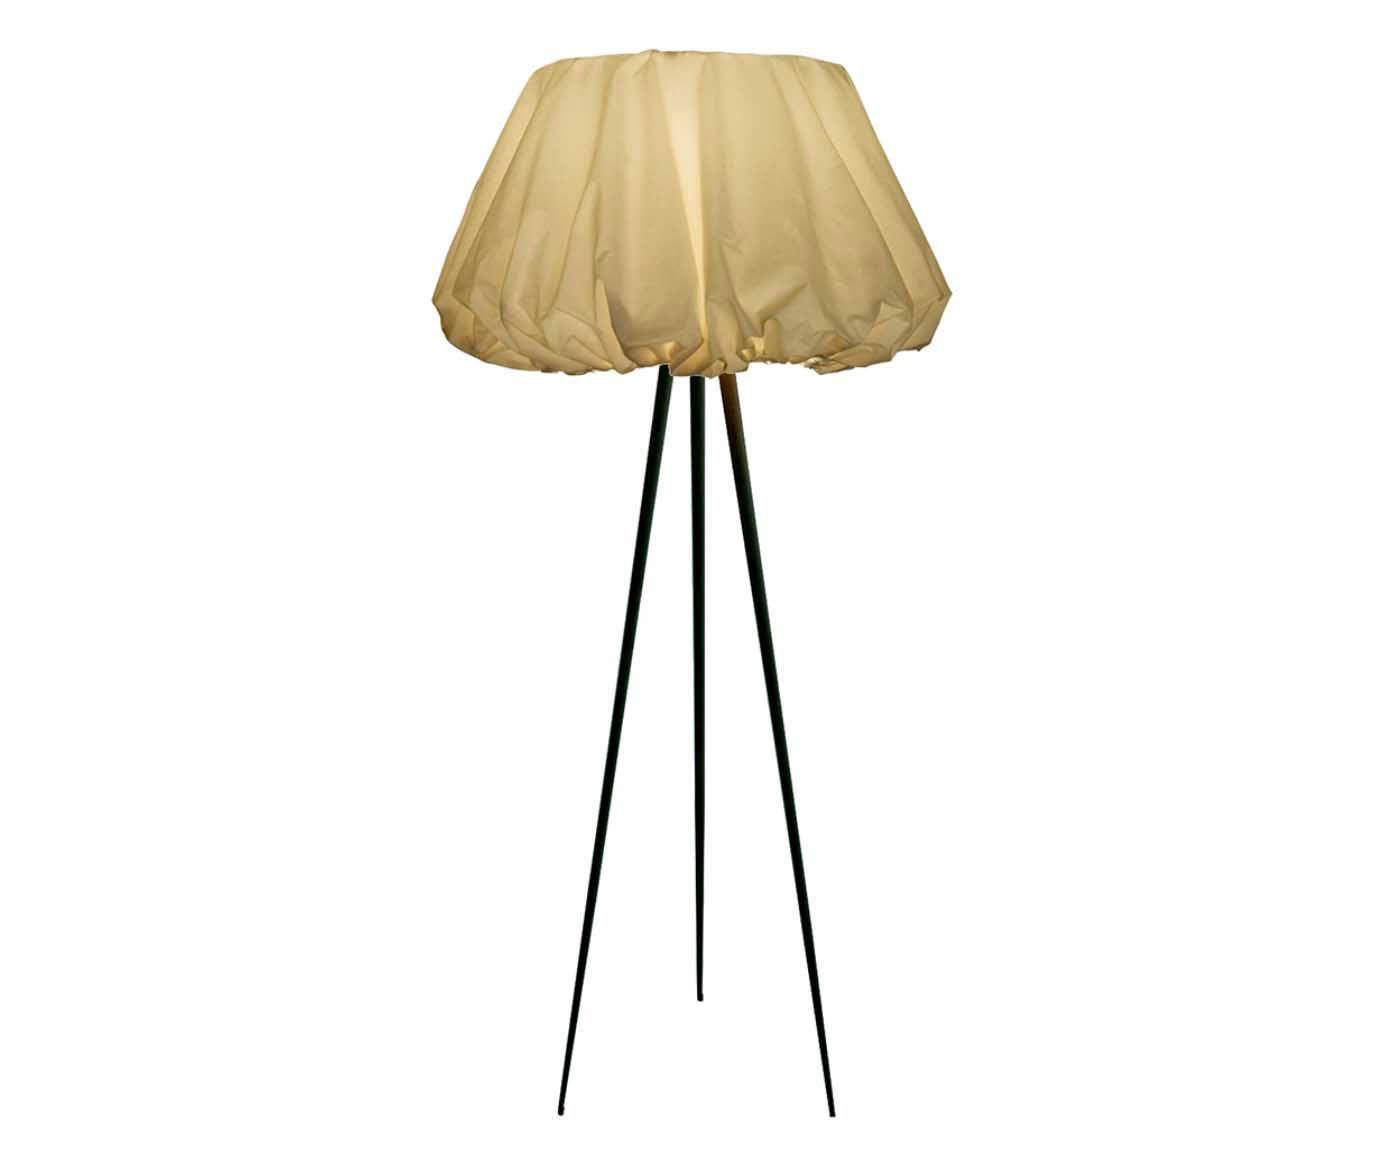 Luminária de piso babette - la lampe | Westwing.com.br